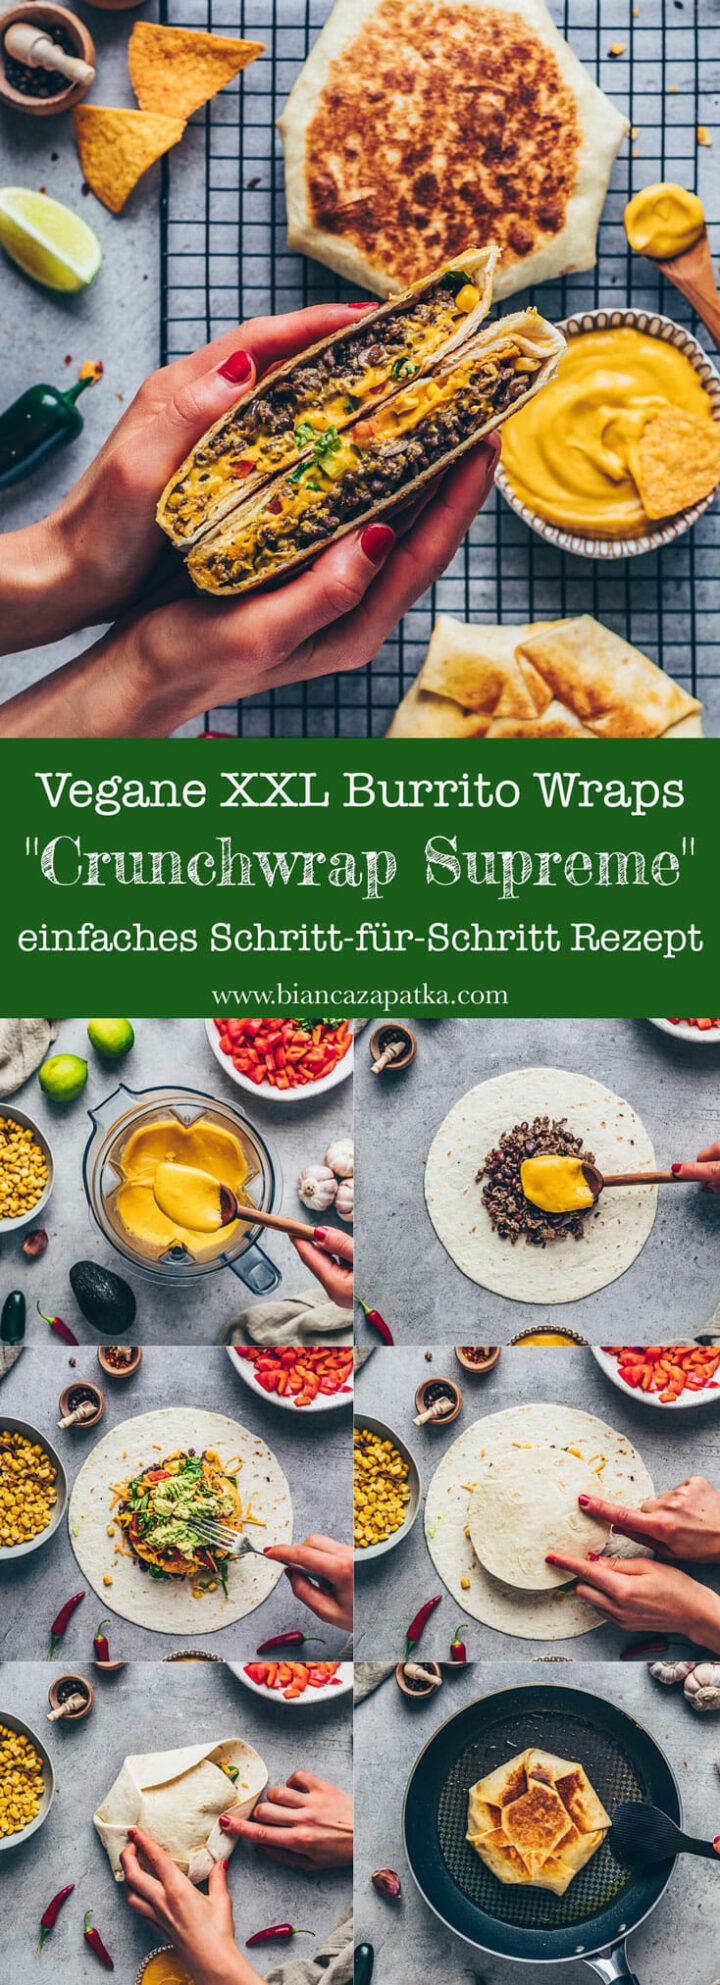 Burrito Wraps mit veganer Käsesauce Cashew Käsesosse und Tortilla Chips Nachos